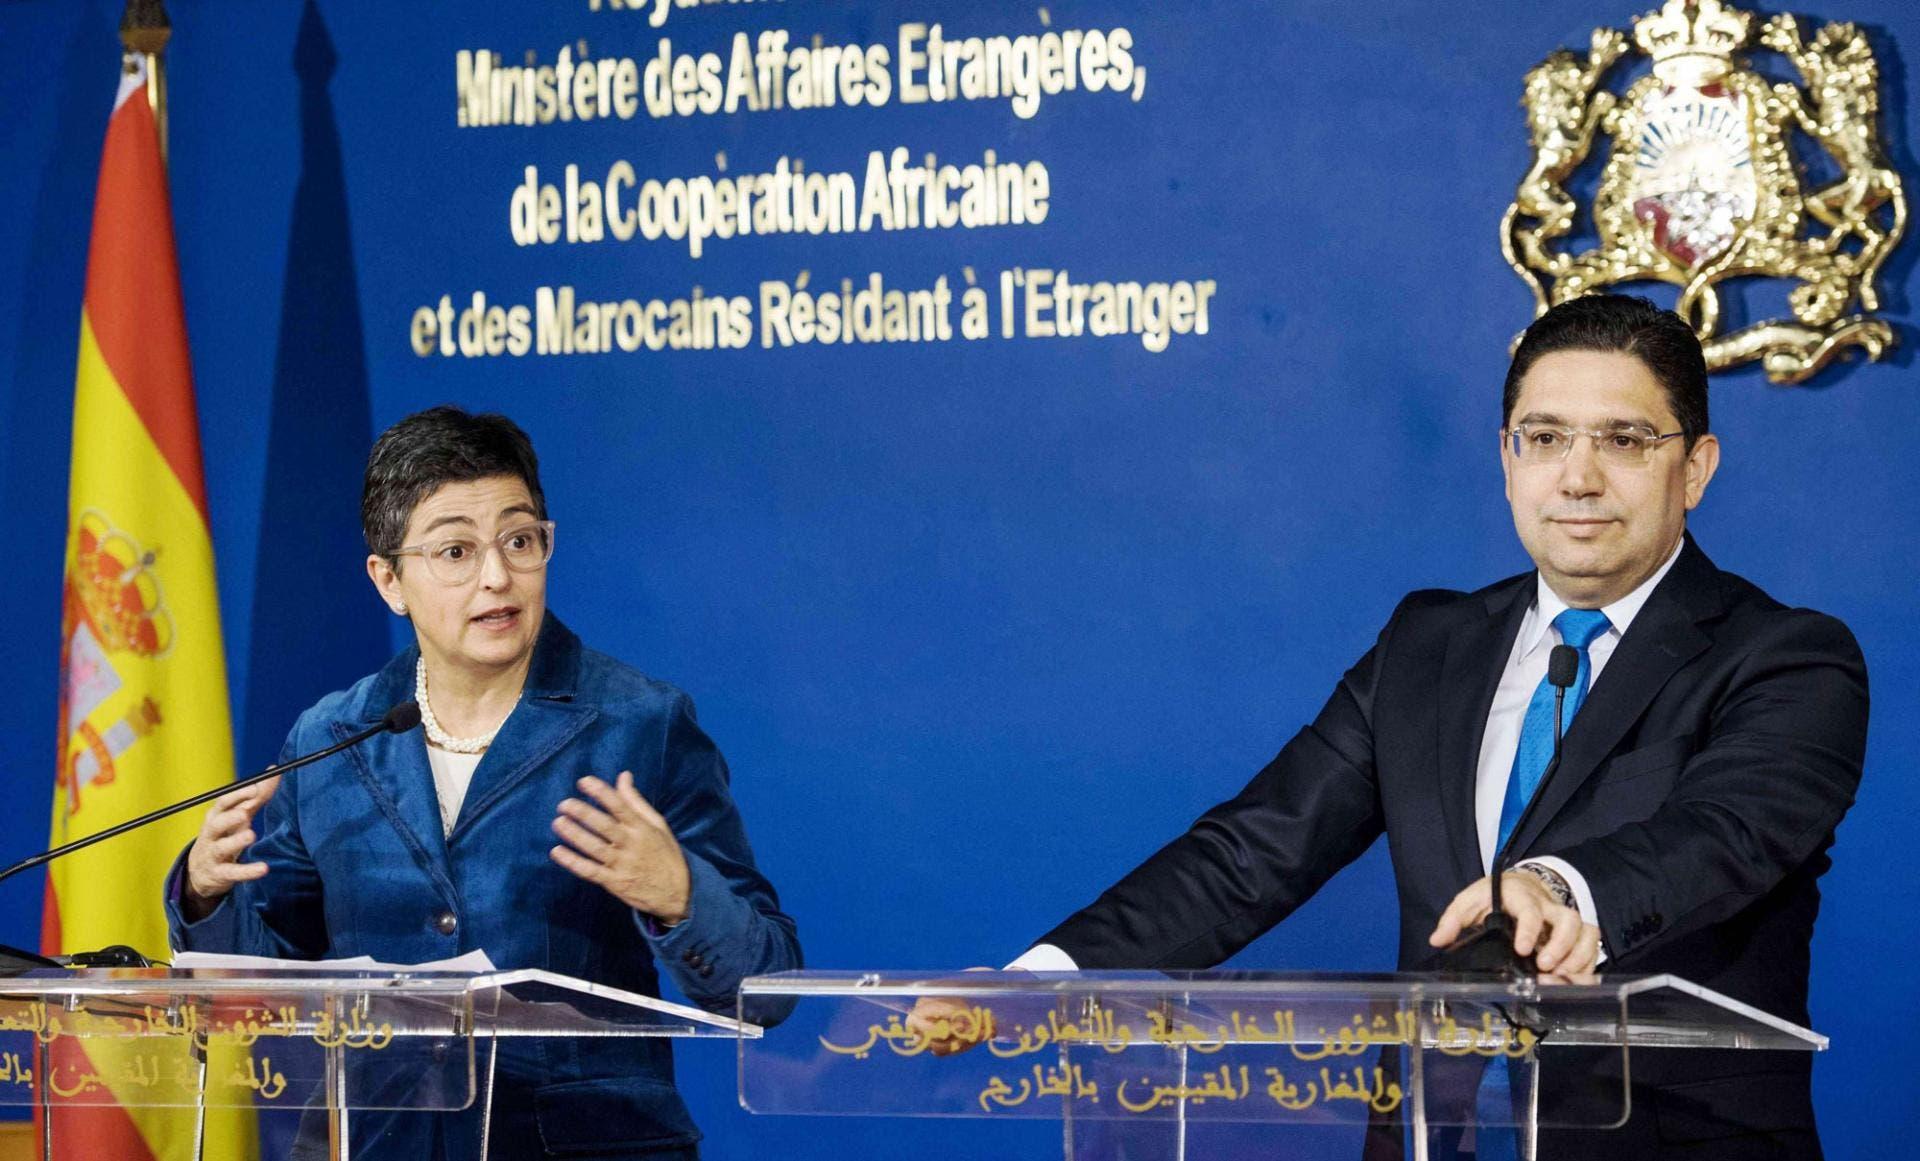 """برلمانية عن الحزب الشعبي الإسباني.. """"علاقاتنا مع المغرب تمر من أسوأ لحظاتها بسبب حكومة سانشيز"""""""